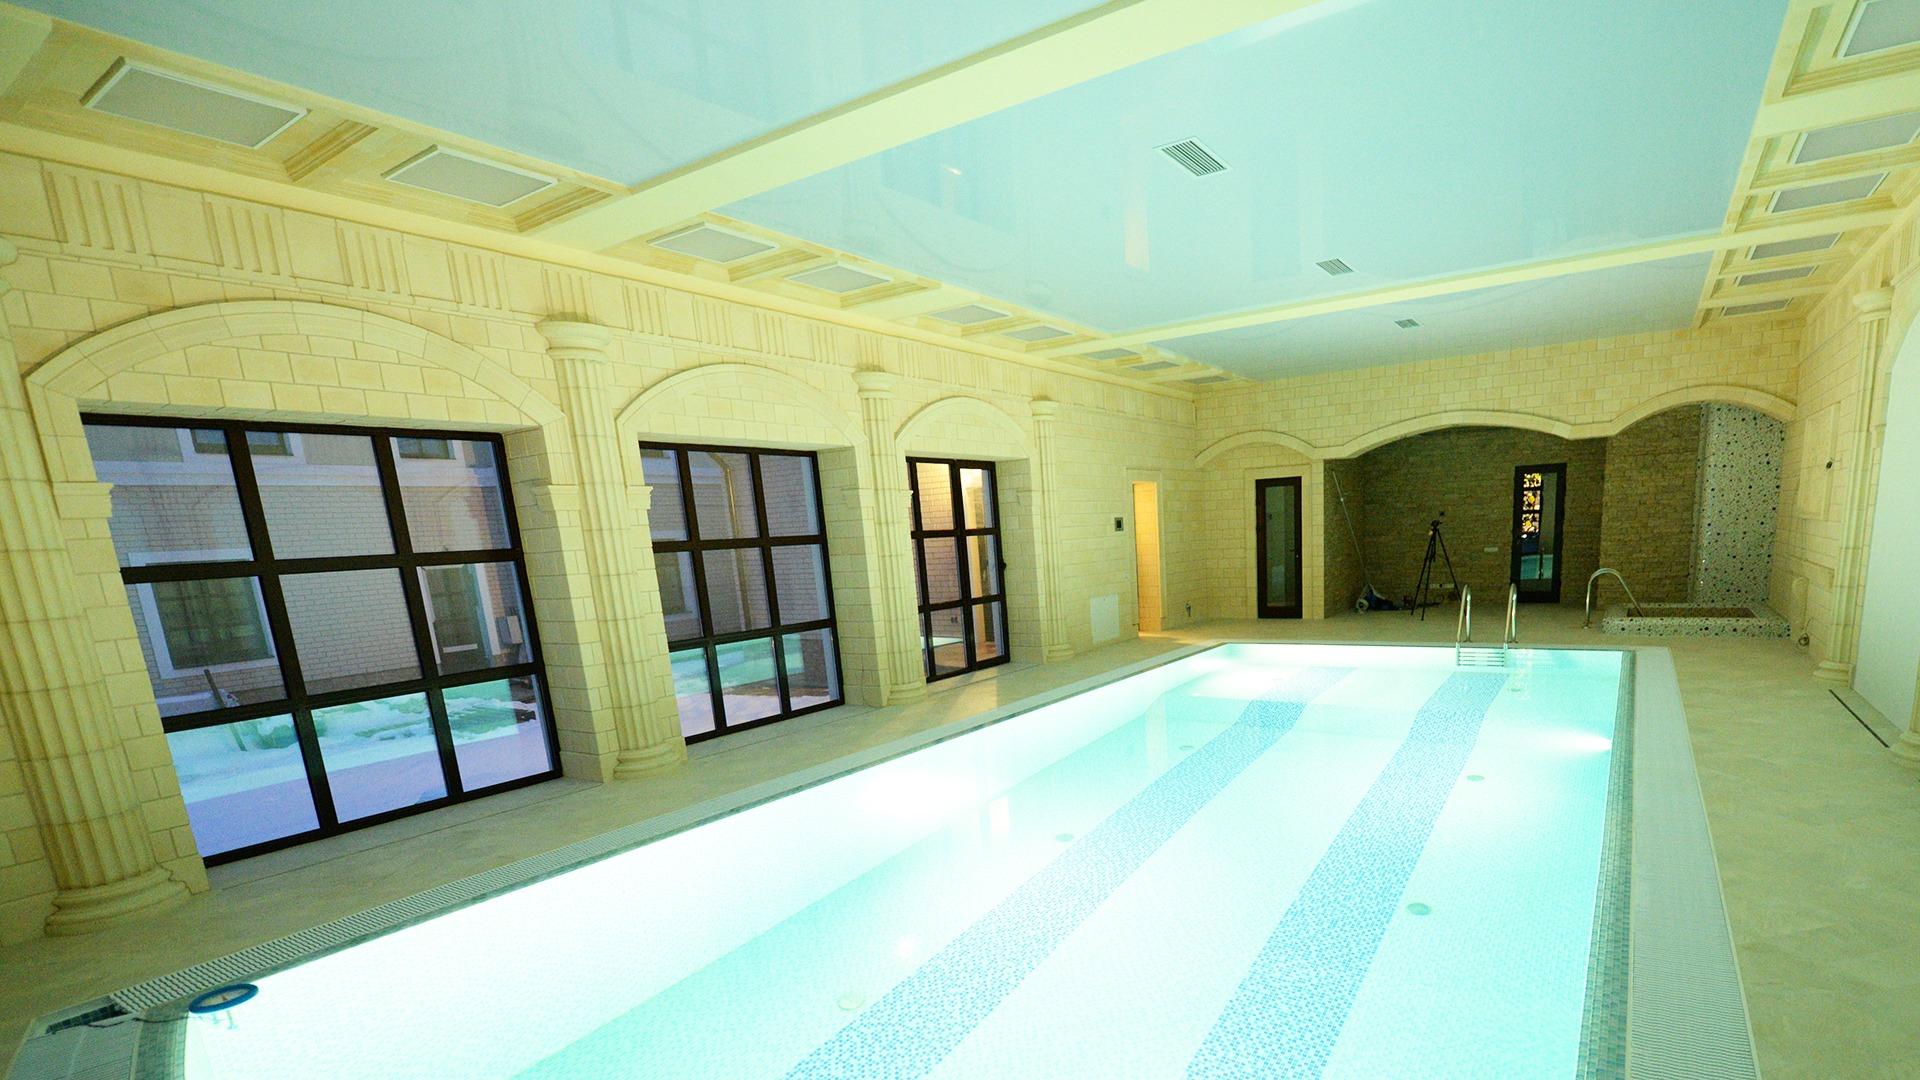 image for круглогодичный бассейн «Манящий Портофино» с отделкой известняком и песчаником